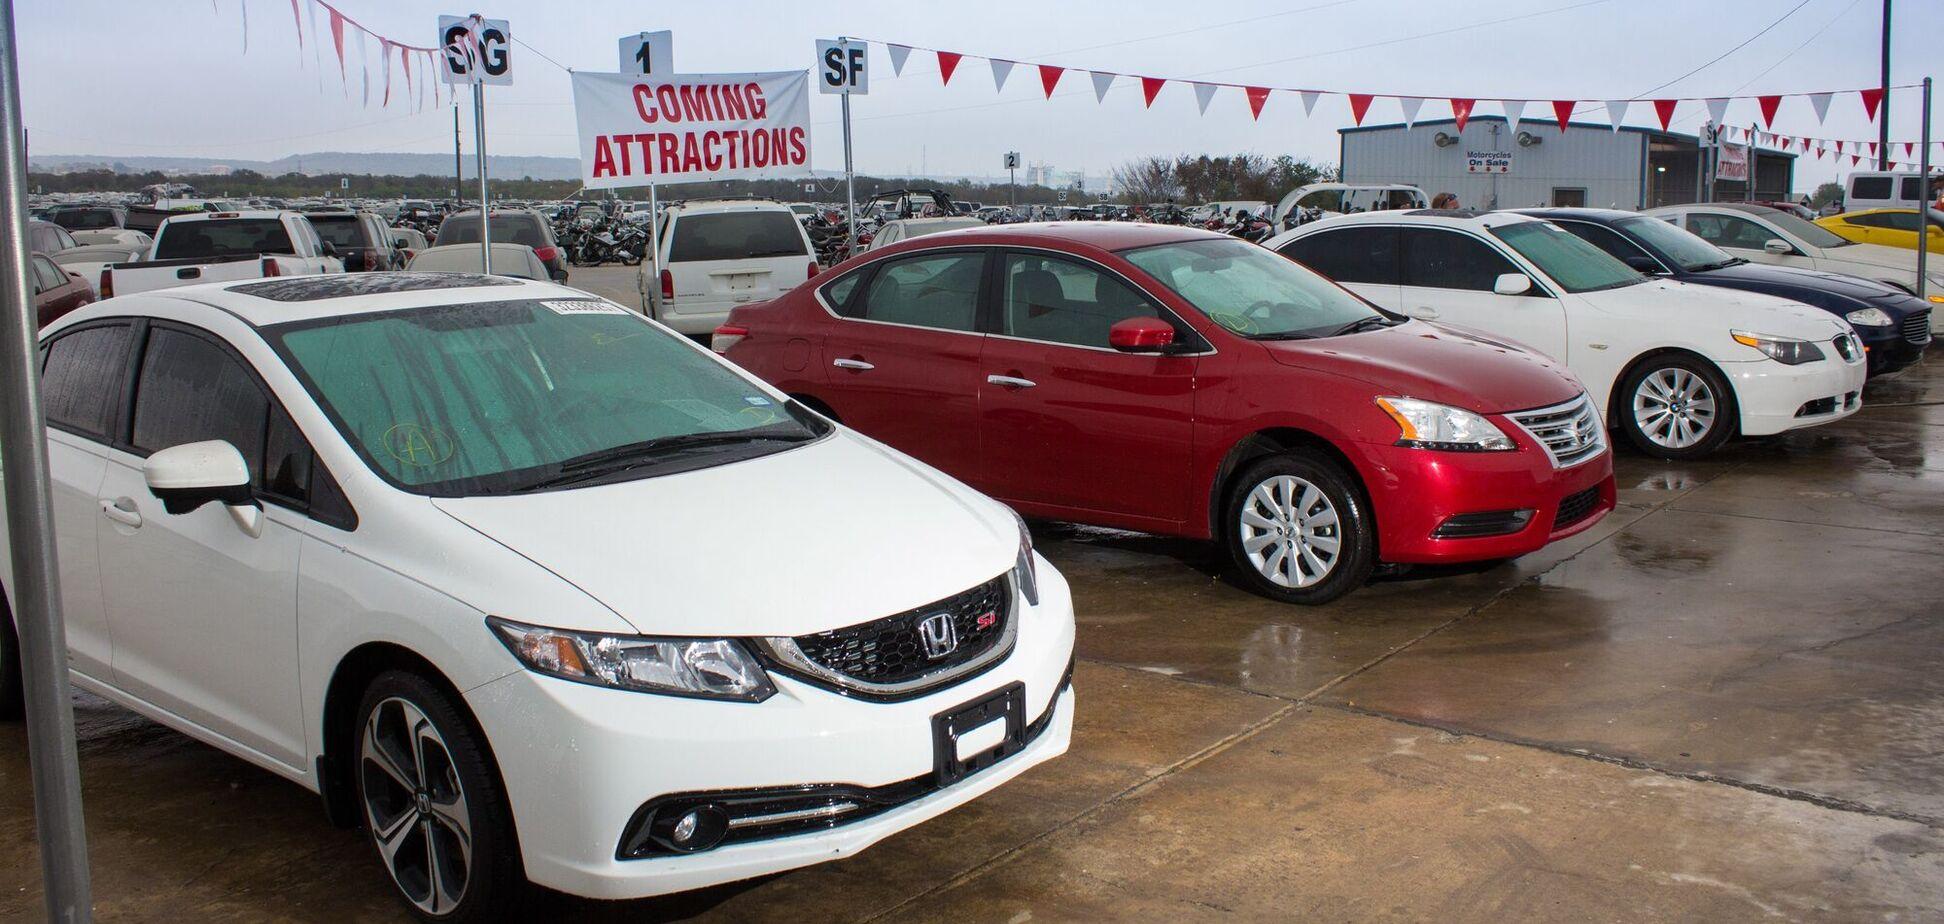 Авто зі США: на якому аукціоні краще купувати машину